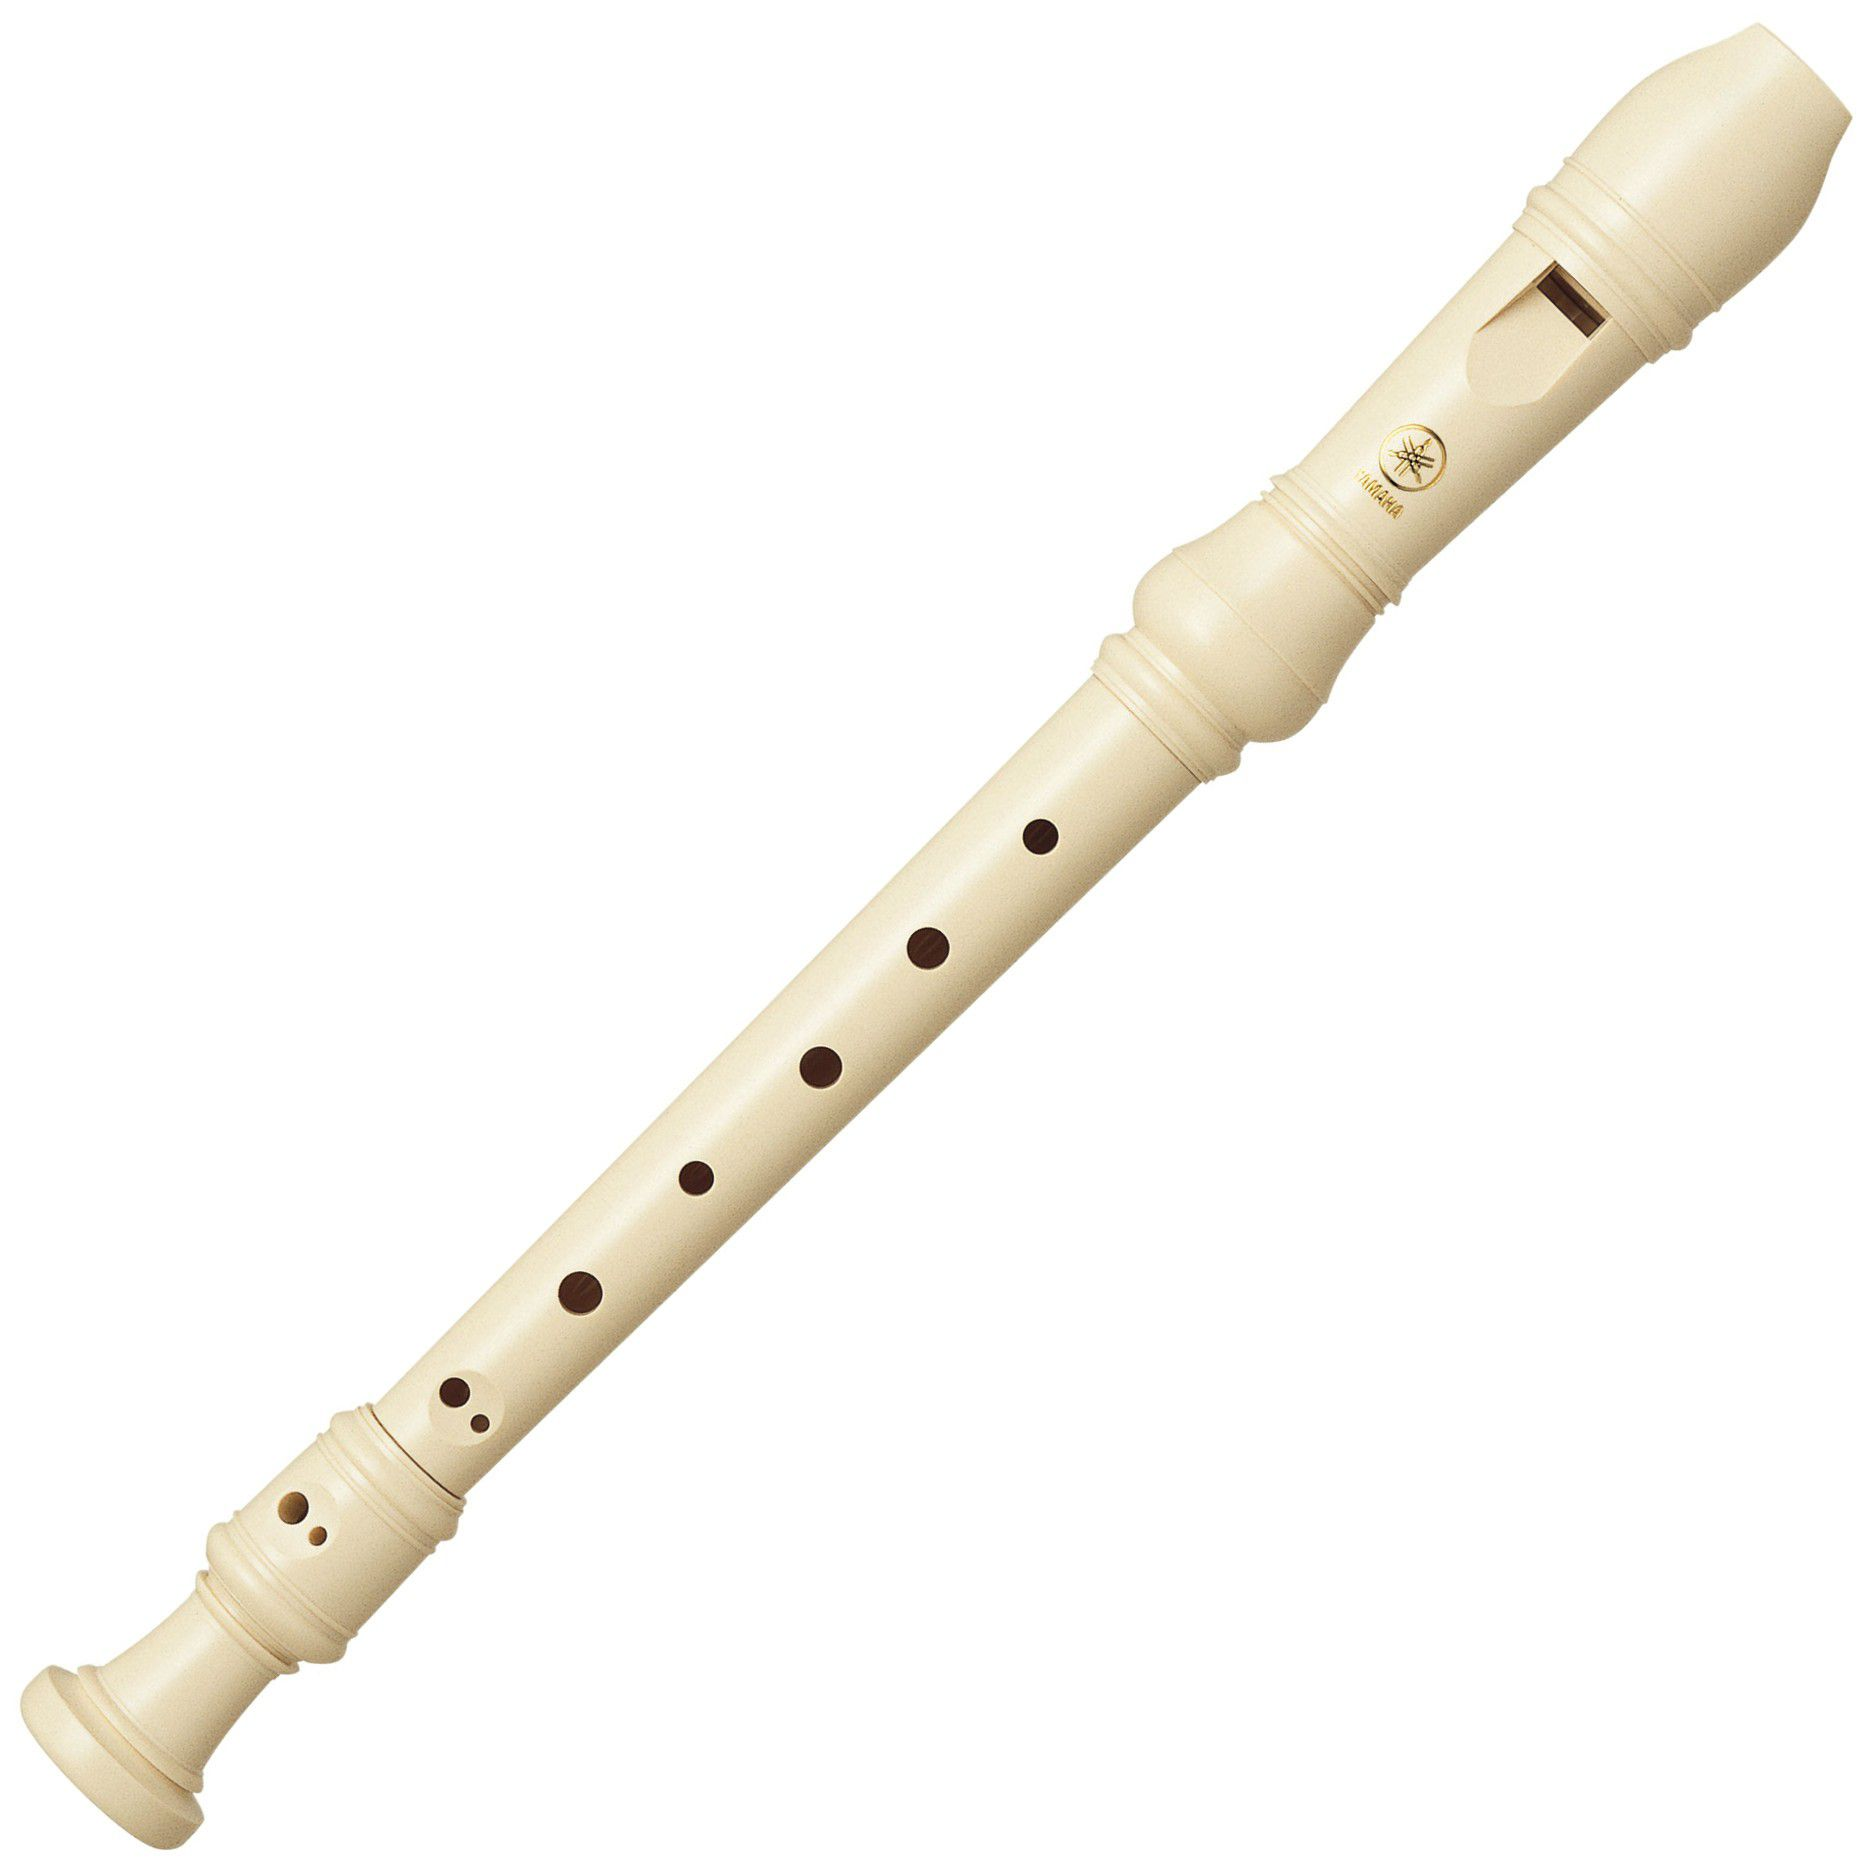 Flauta Doce Yamaha Soprano Barroca Yrs24B